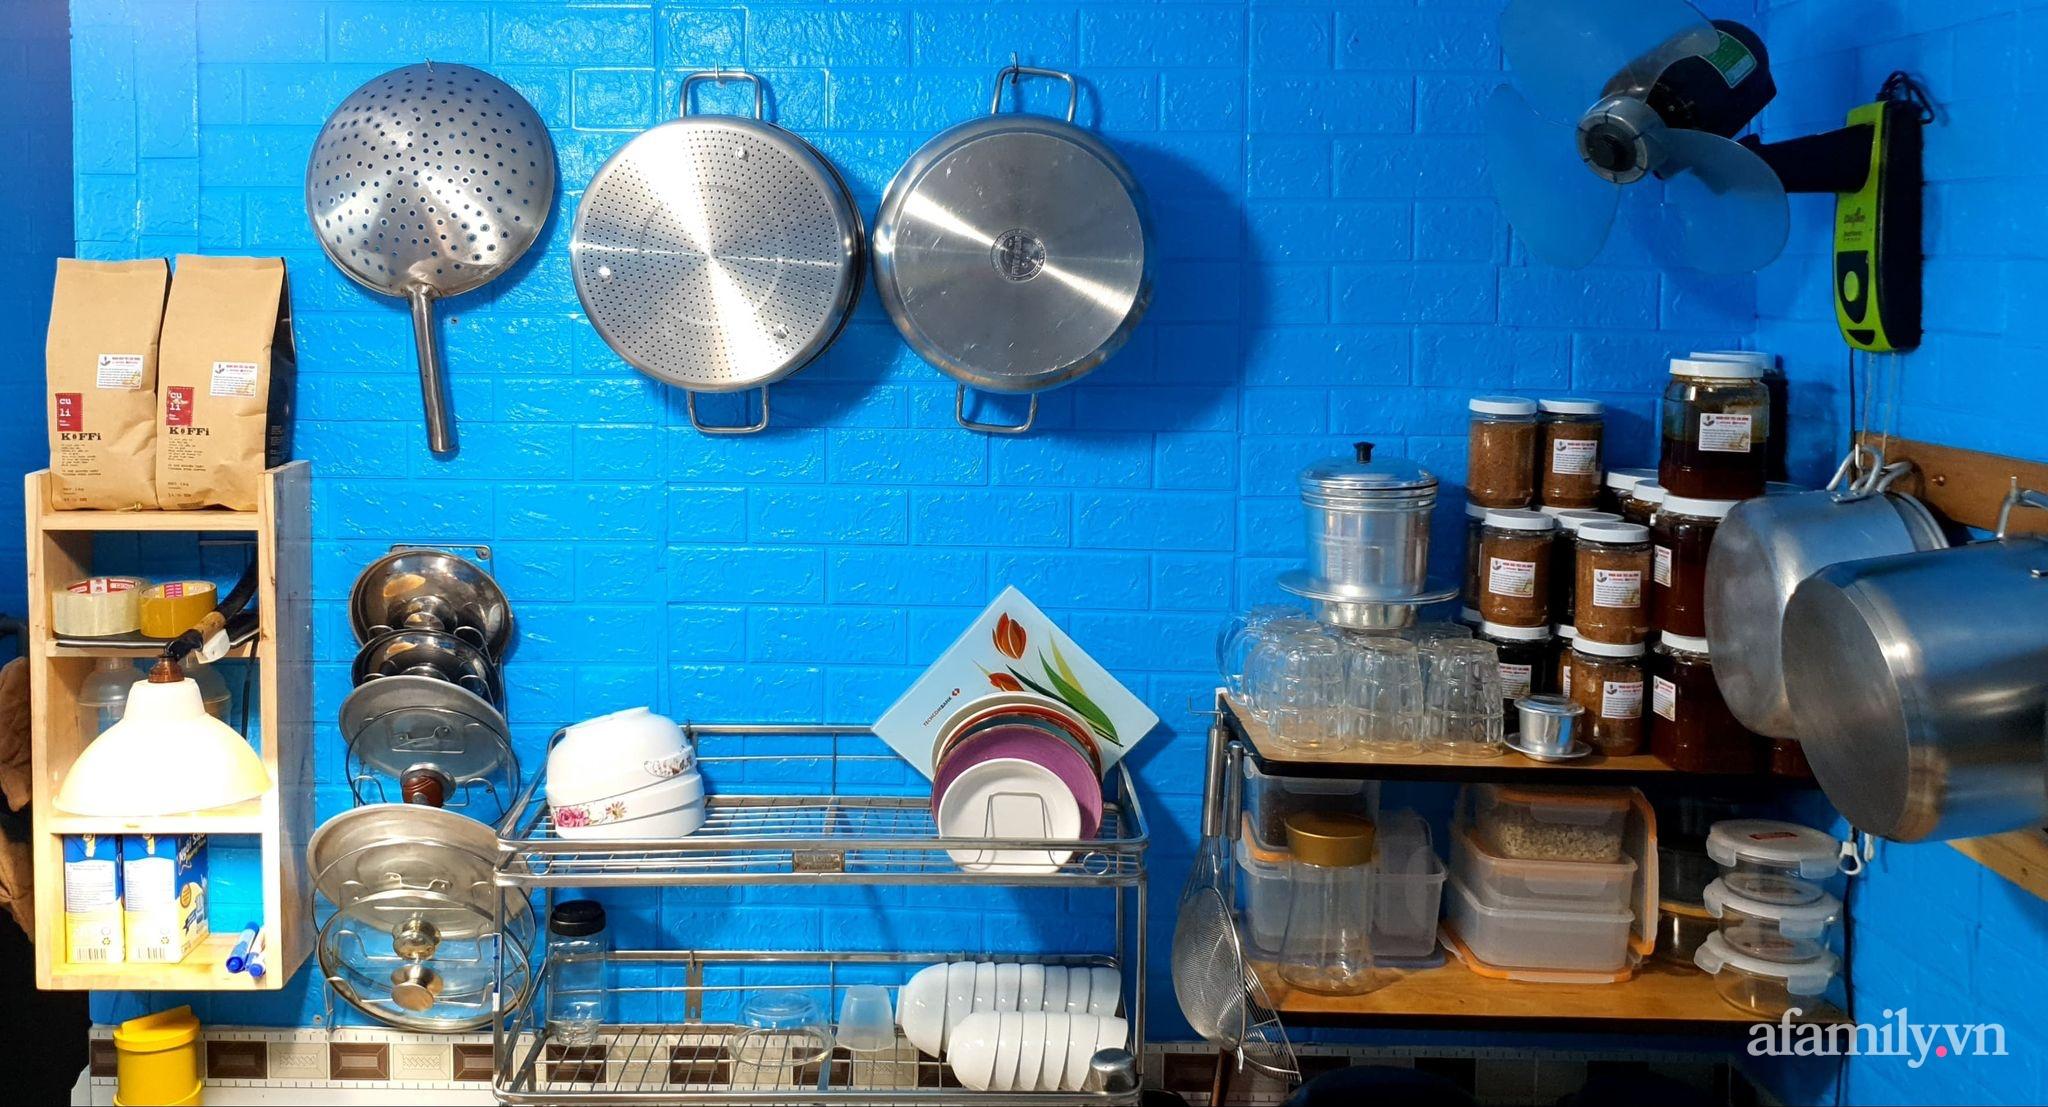 """Căn bếp 5m² luôn gọn sạch, thơm tho nhờ bí quyết """"nhỏ nhưng có võ"""" của ông bố trẻ Sài Gòn - Ảnh 3."""